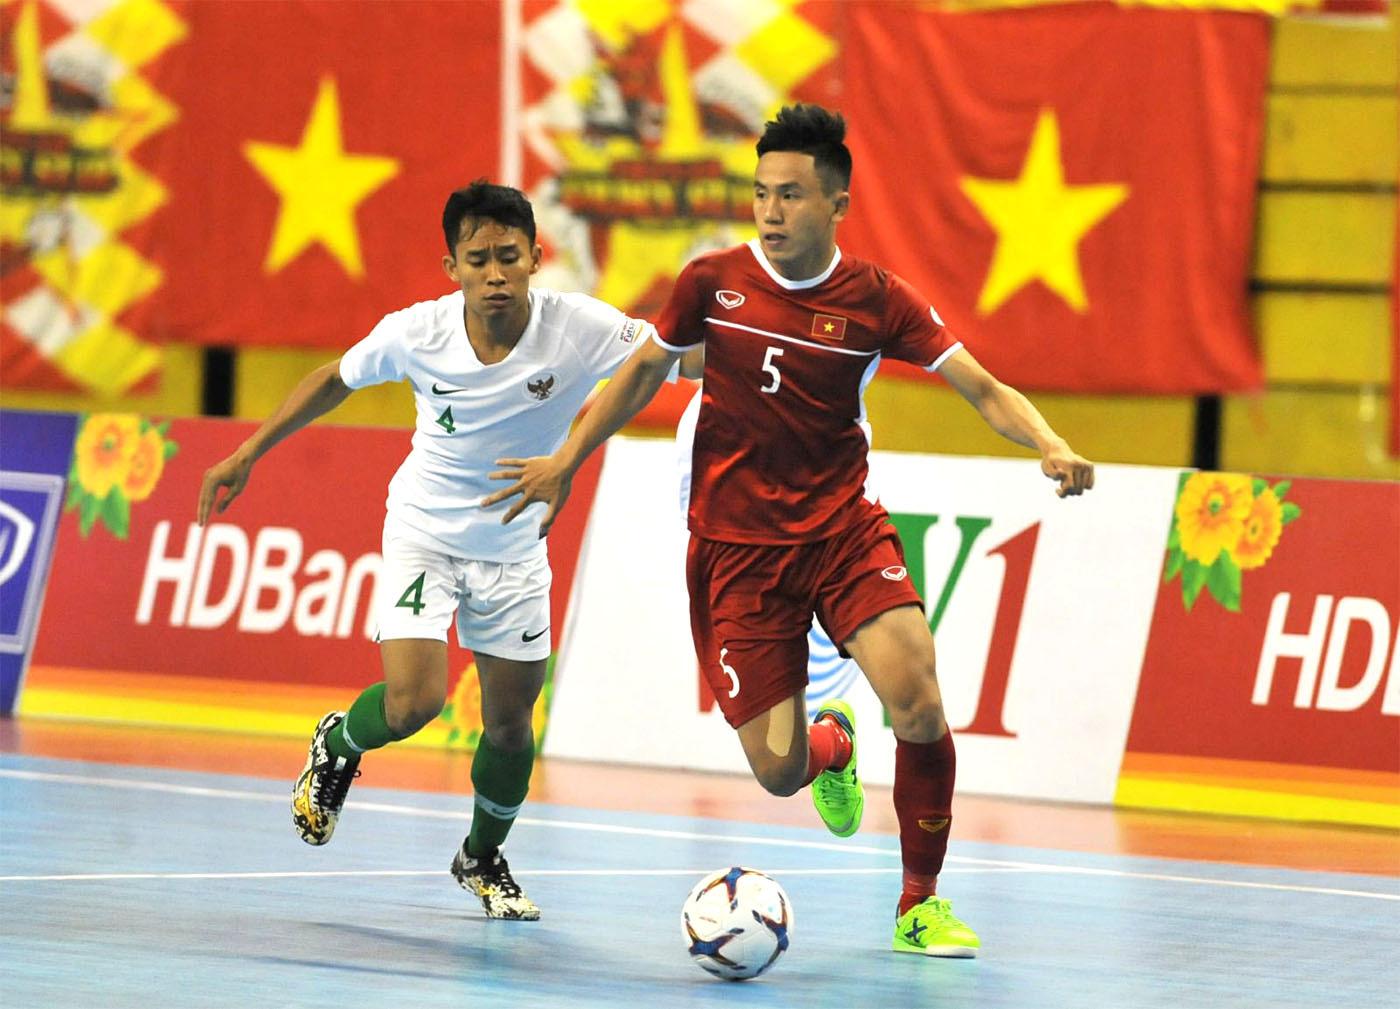 Bóng đá Việt Nam 2020: Quyết tâm giữ ngai Vàng Đông Nam Á và bơi ra biển lớn - Ảnh 20.